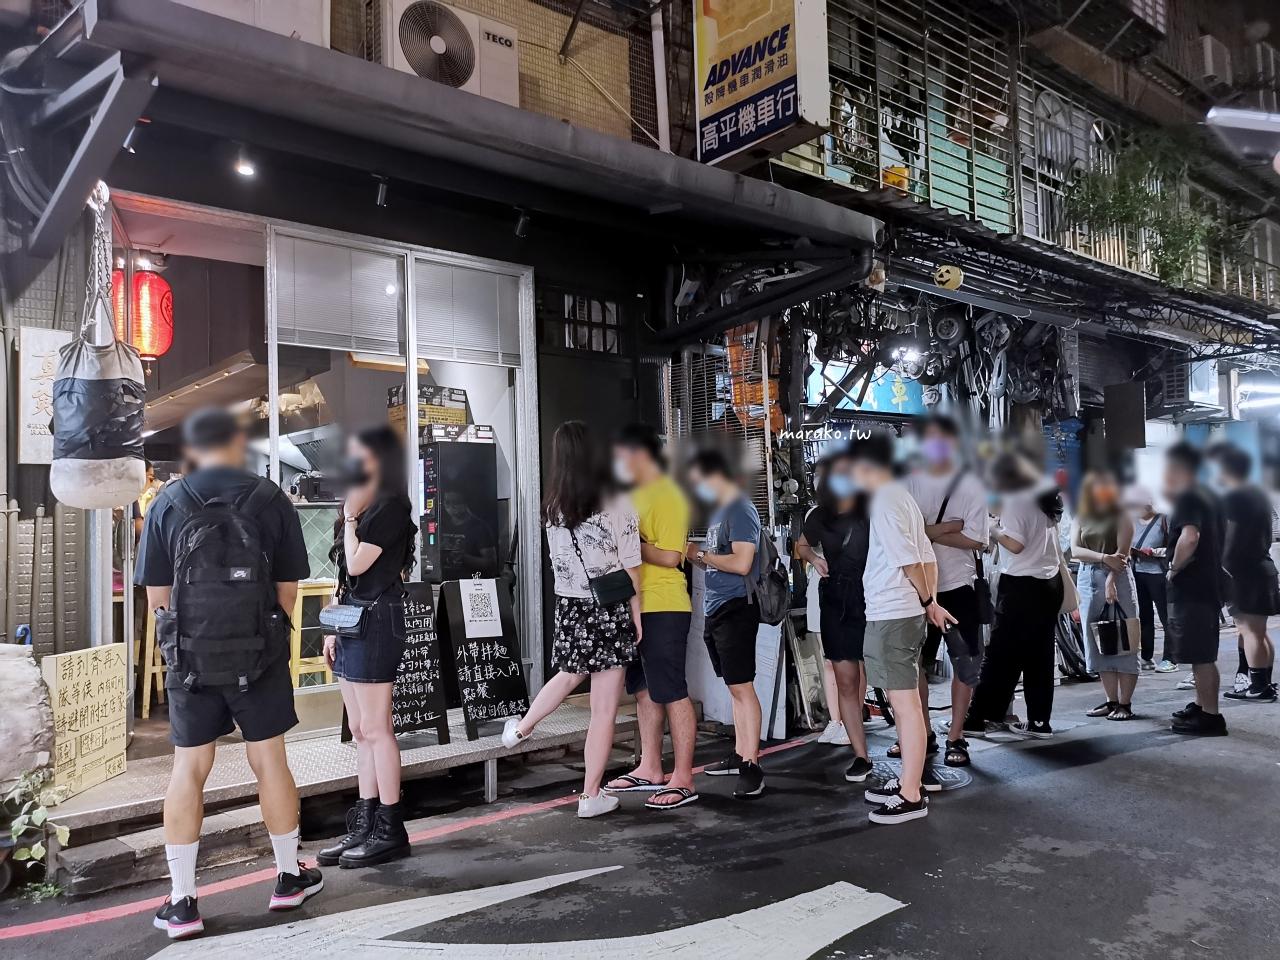 【台北】真劍拉麵 隱藏在巷弄內的人氣拉麵 滿腹叉燒拌麵 免排隊外帶限定 師大美食 @Maruko與美食有個約會